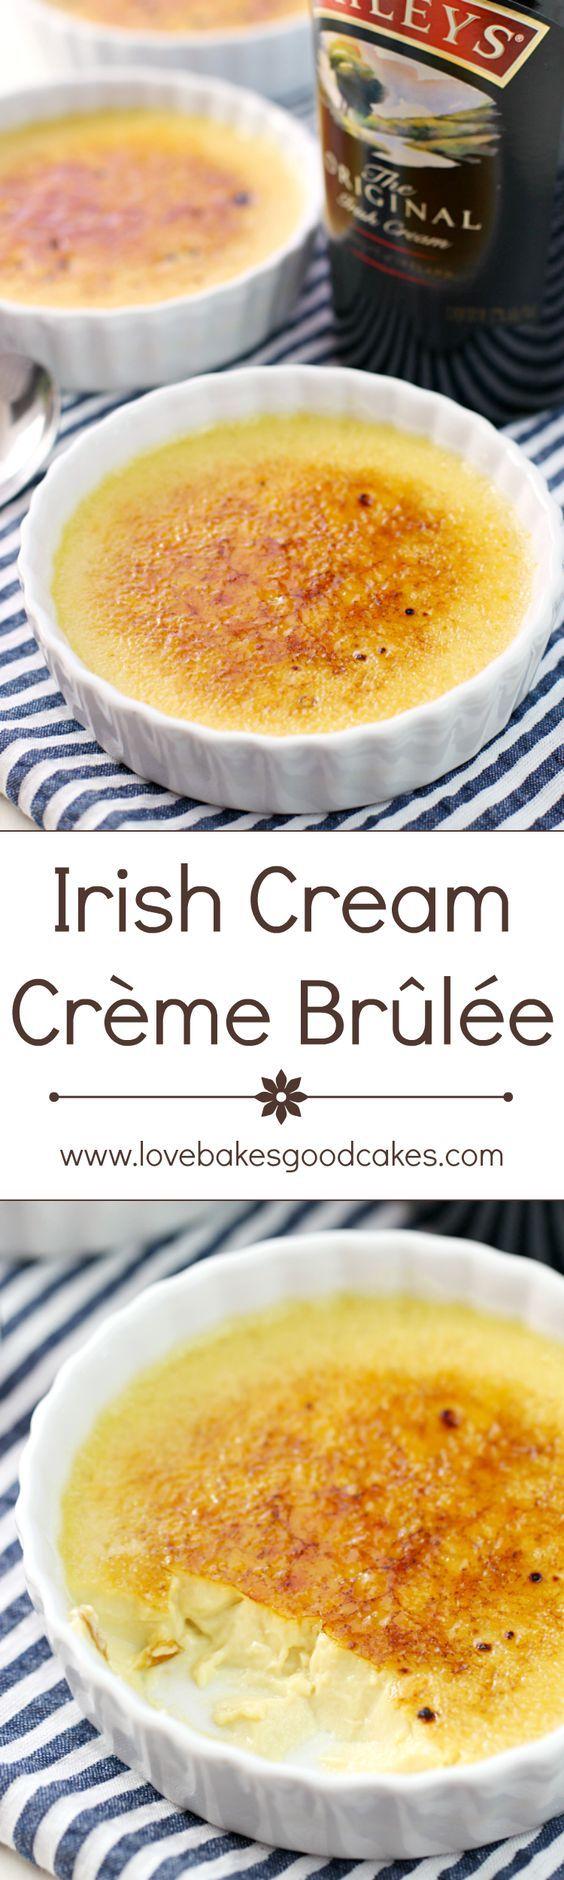 cream simple dessert irish cream meals desserts simple creme brulee ...